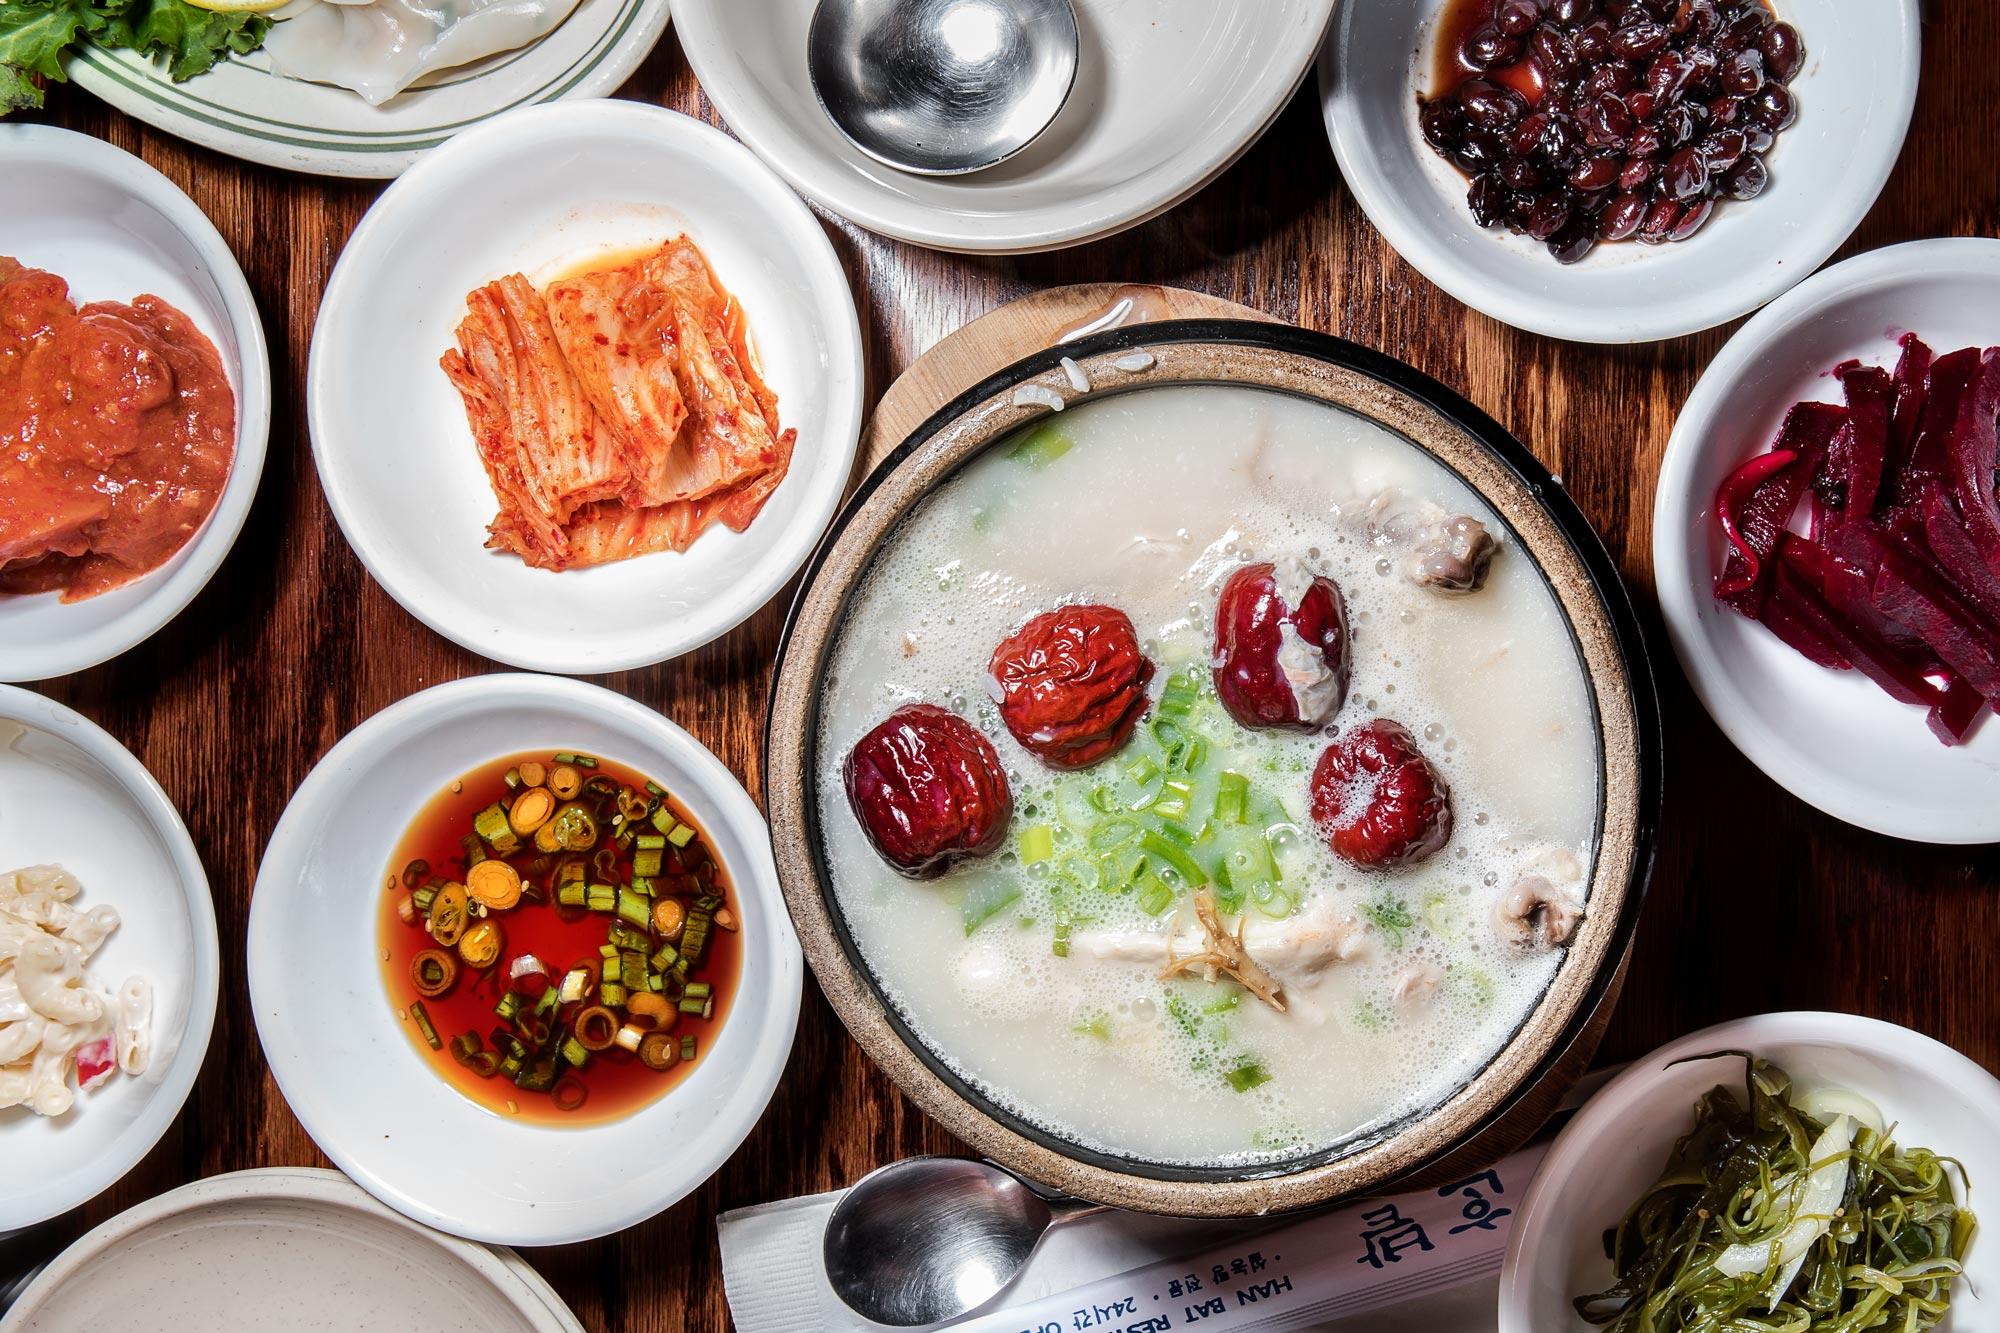 Samgyetang koreai ginseng csirkeleves recept